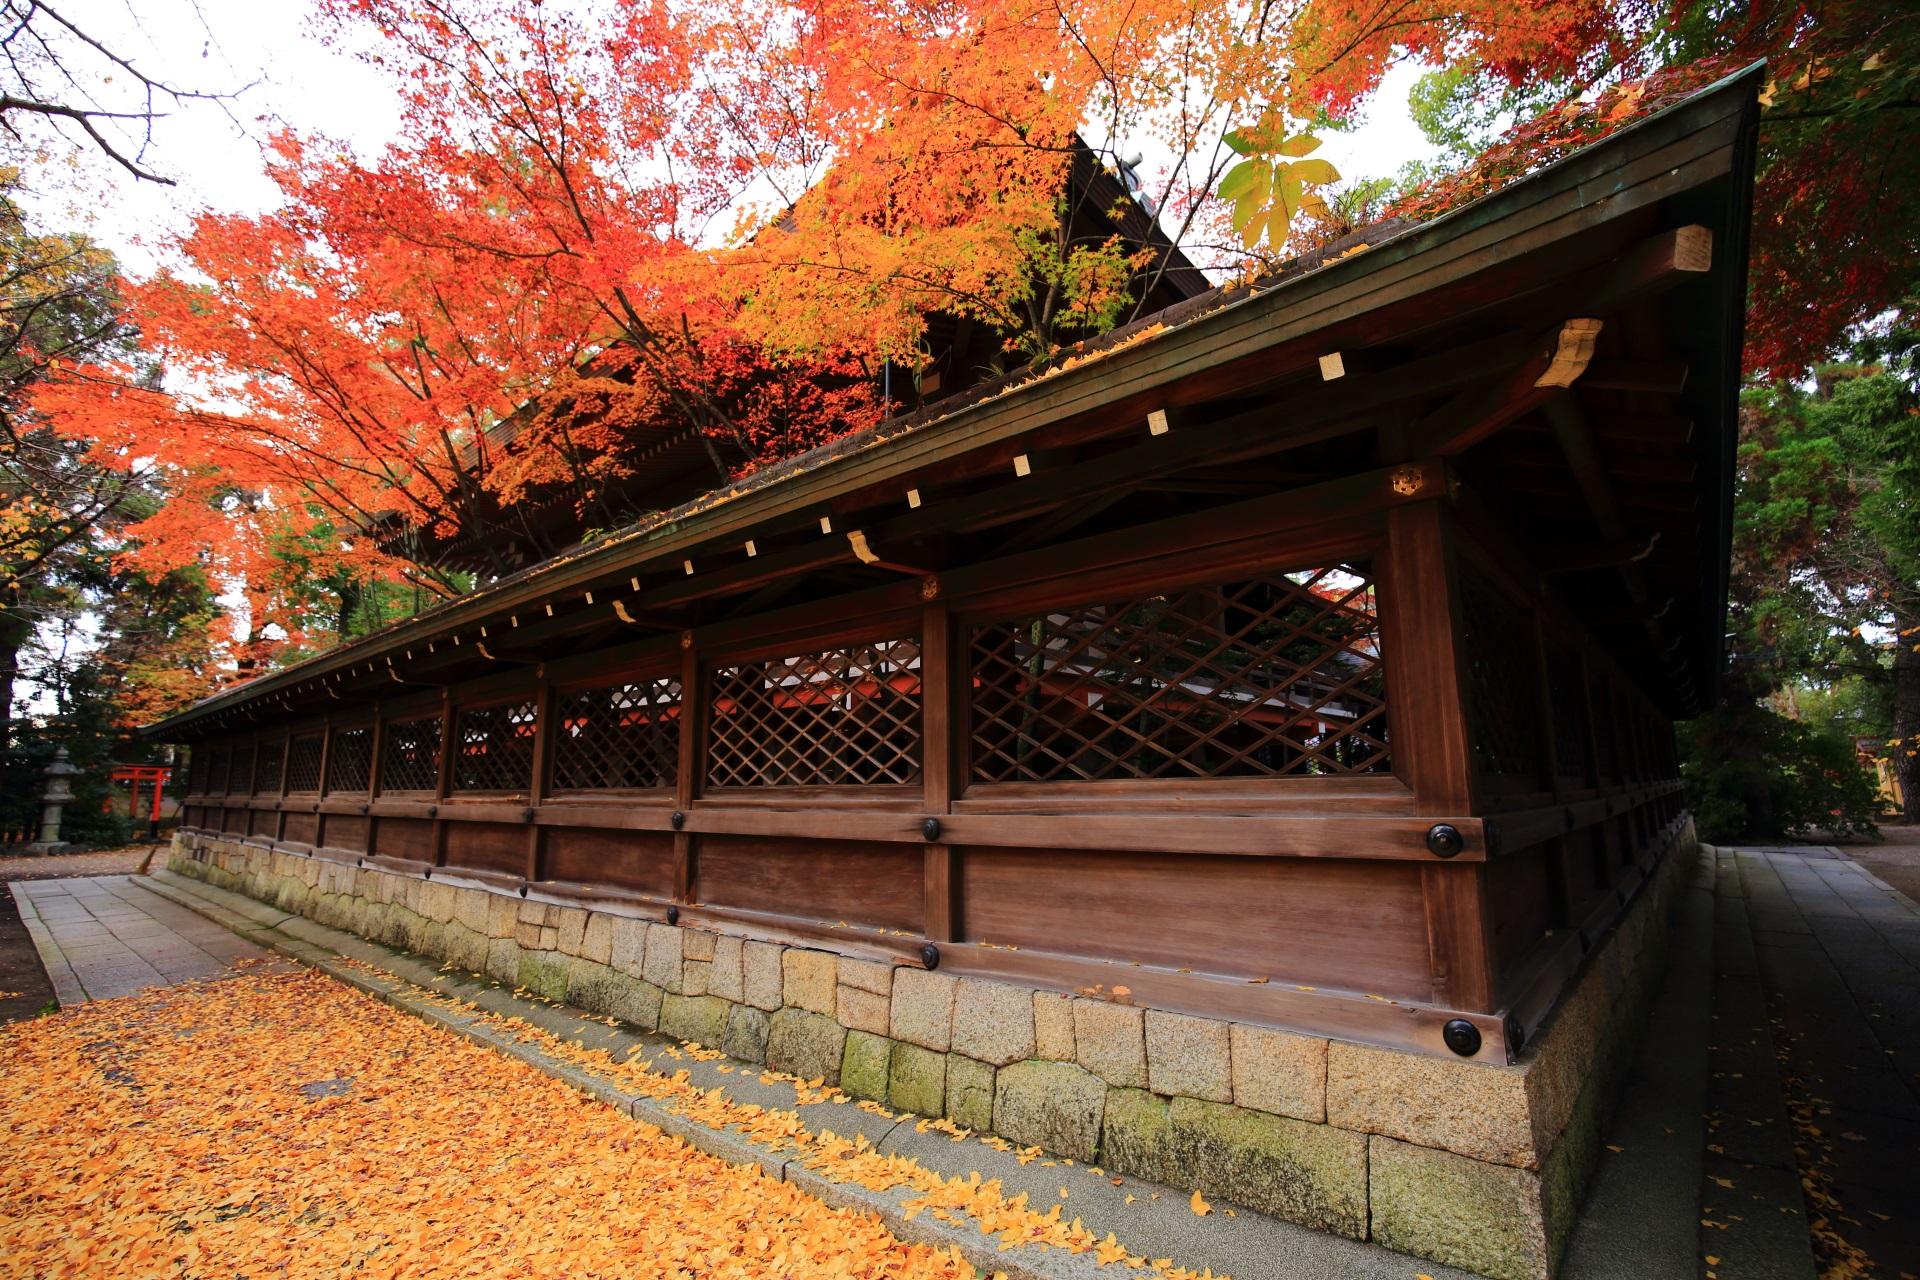 上御霊神社の本殿を彩る綺麗な多彩な紅葉